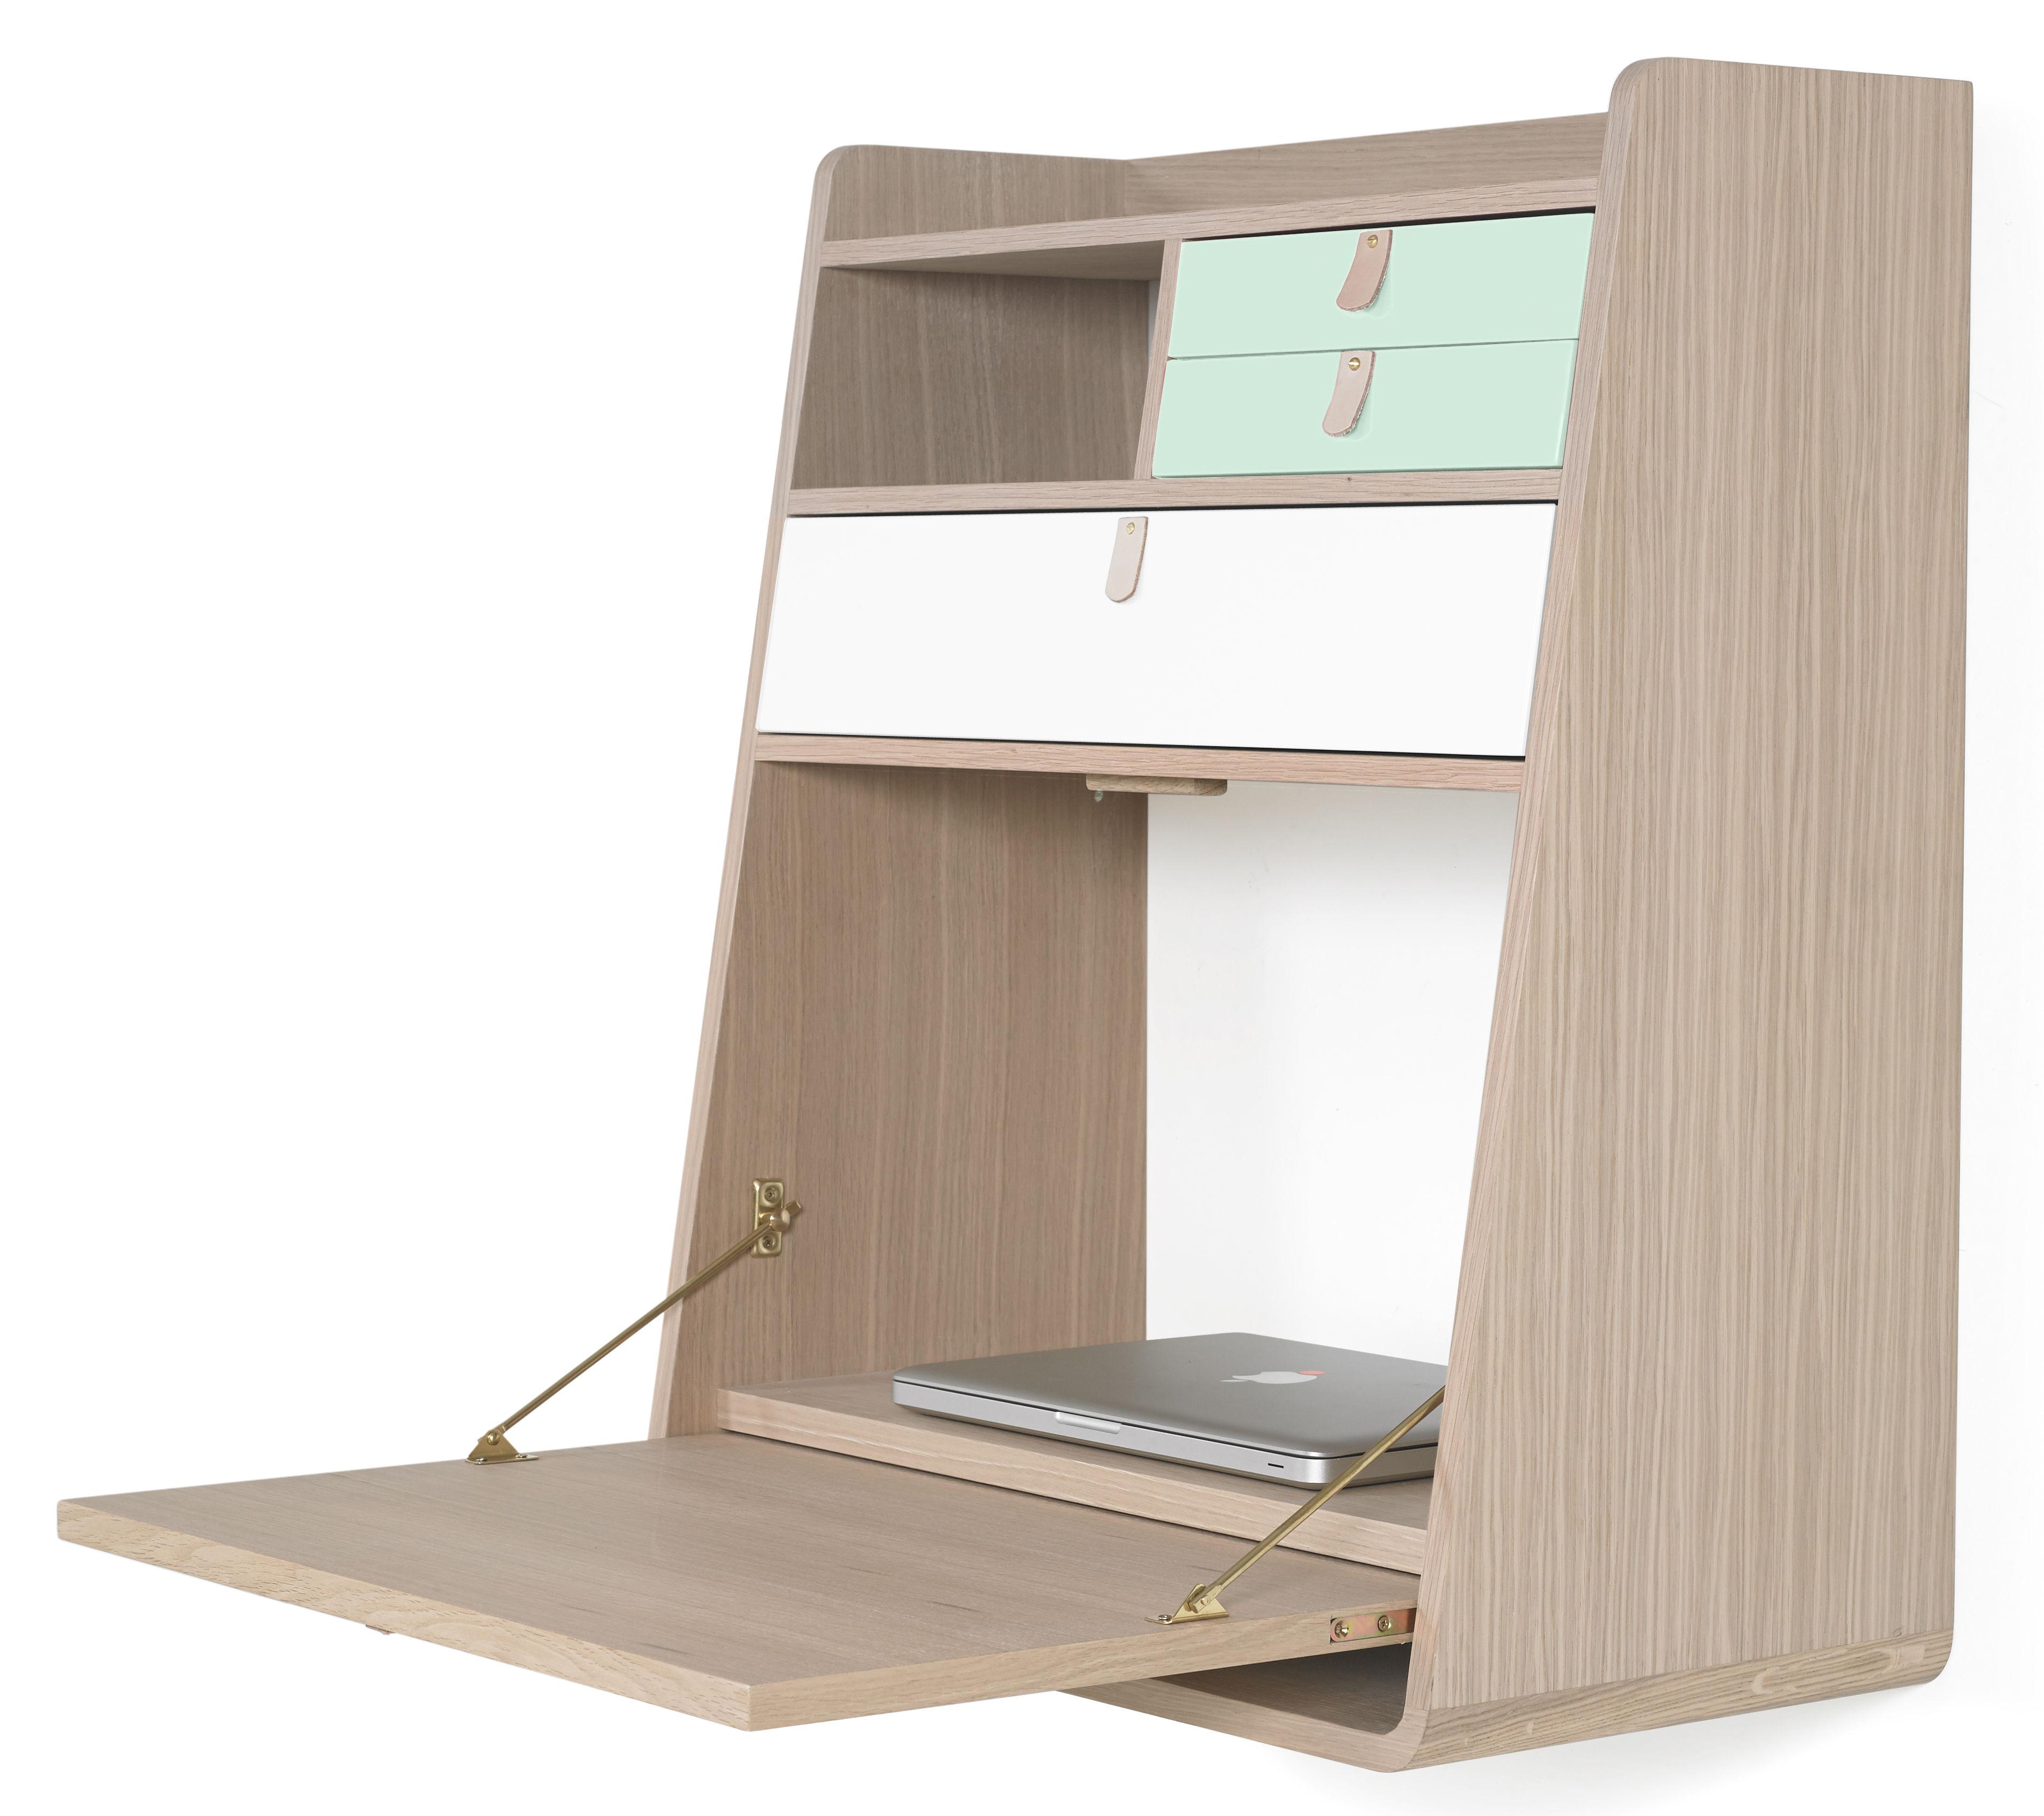 gaston l 60 cm x h 72 cm hart wand schreibtisch. Black Bedroom Furniture Sets. Home Design Ideas